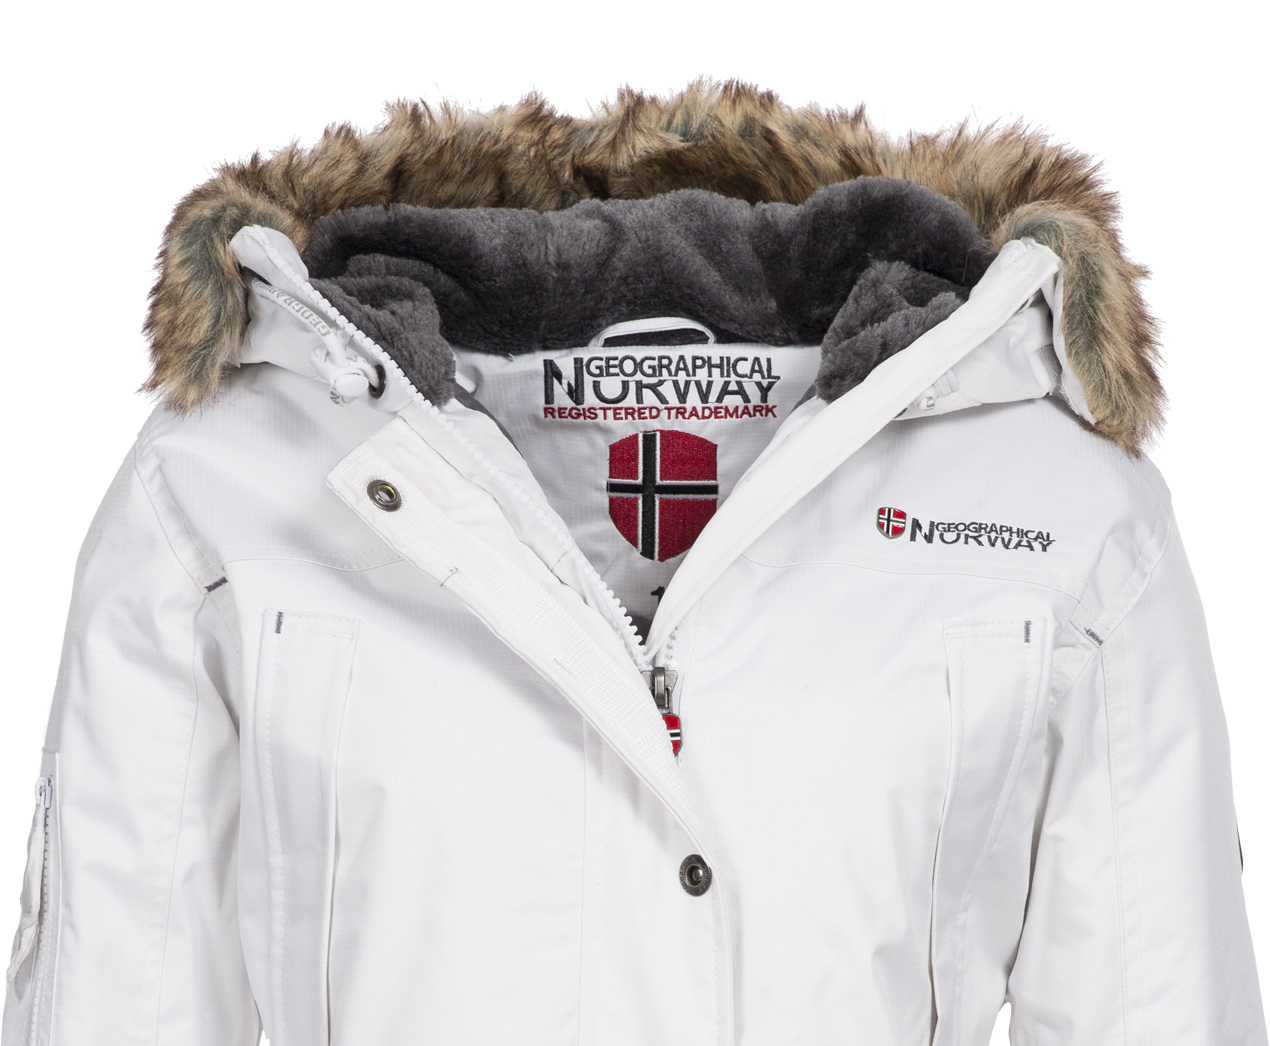 Winterjacke damen norwegen